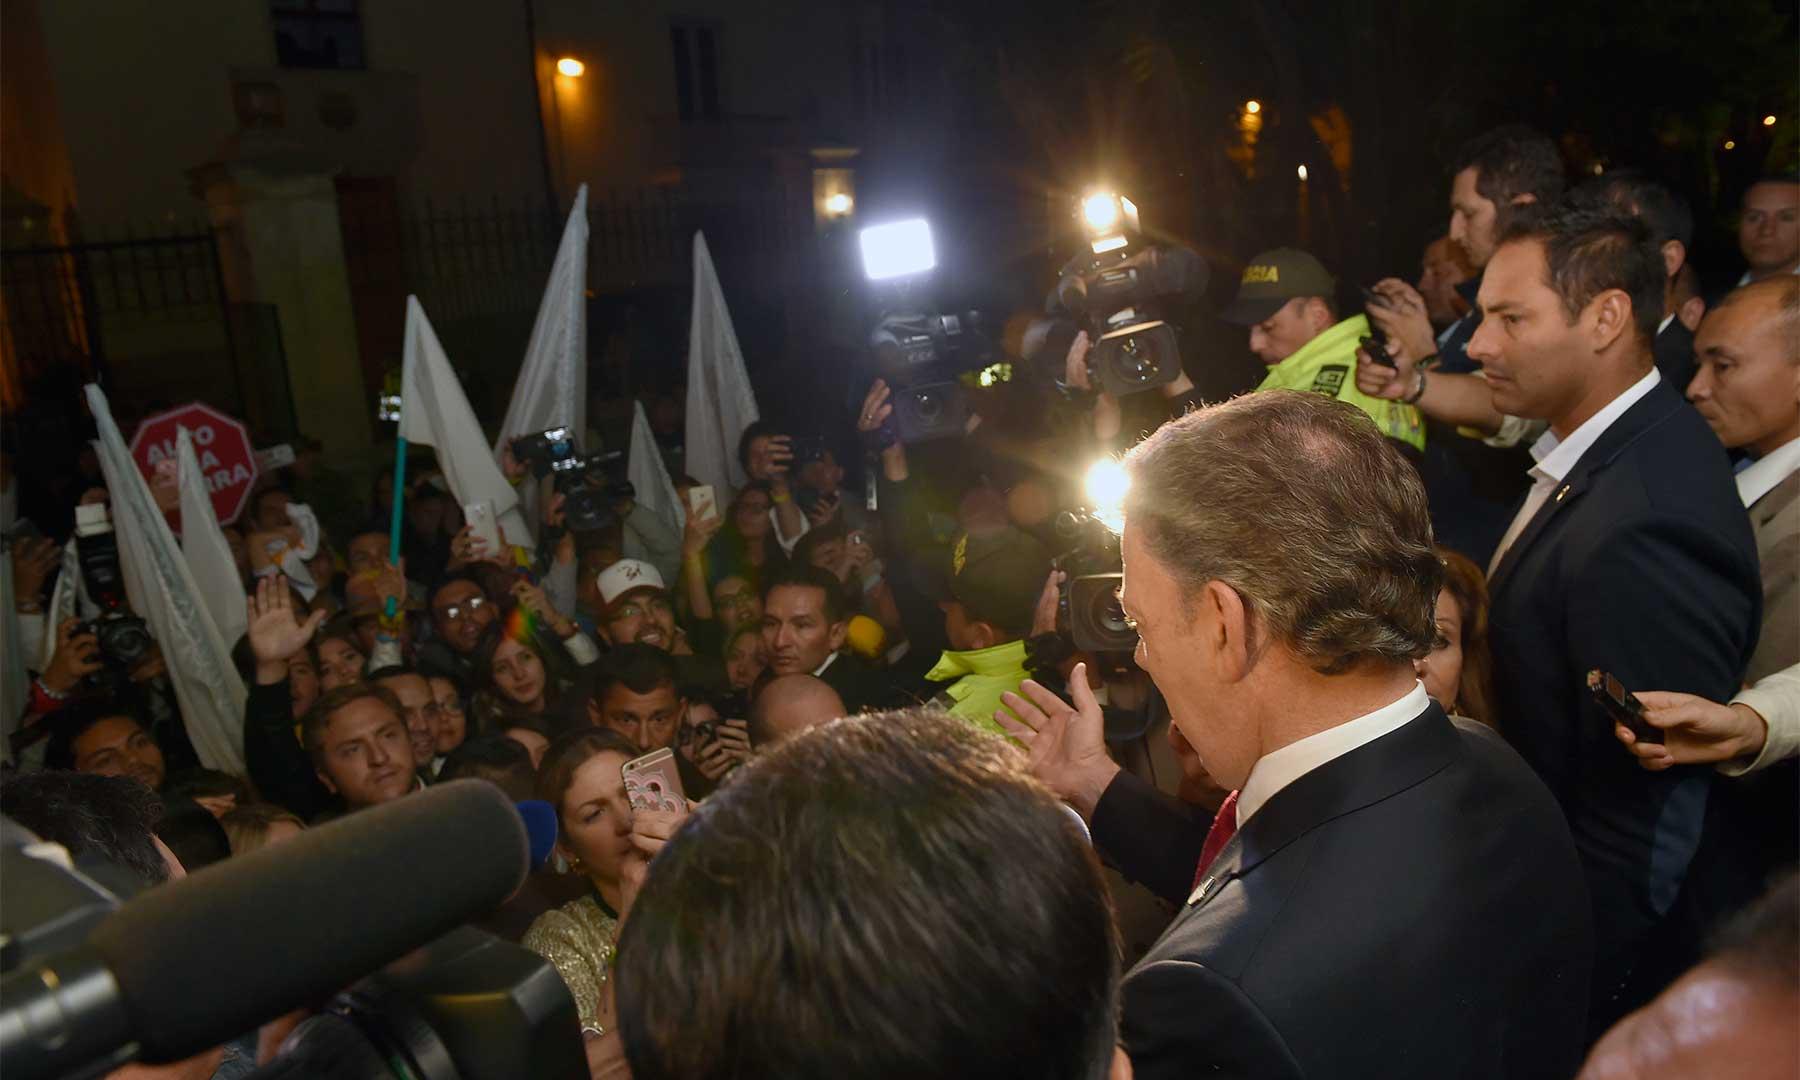 Crónica / 'Les garantizo que esa paz la vamos a conseguir', dijo el Presidente Santos a jóvenes promotores del Sí